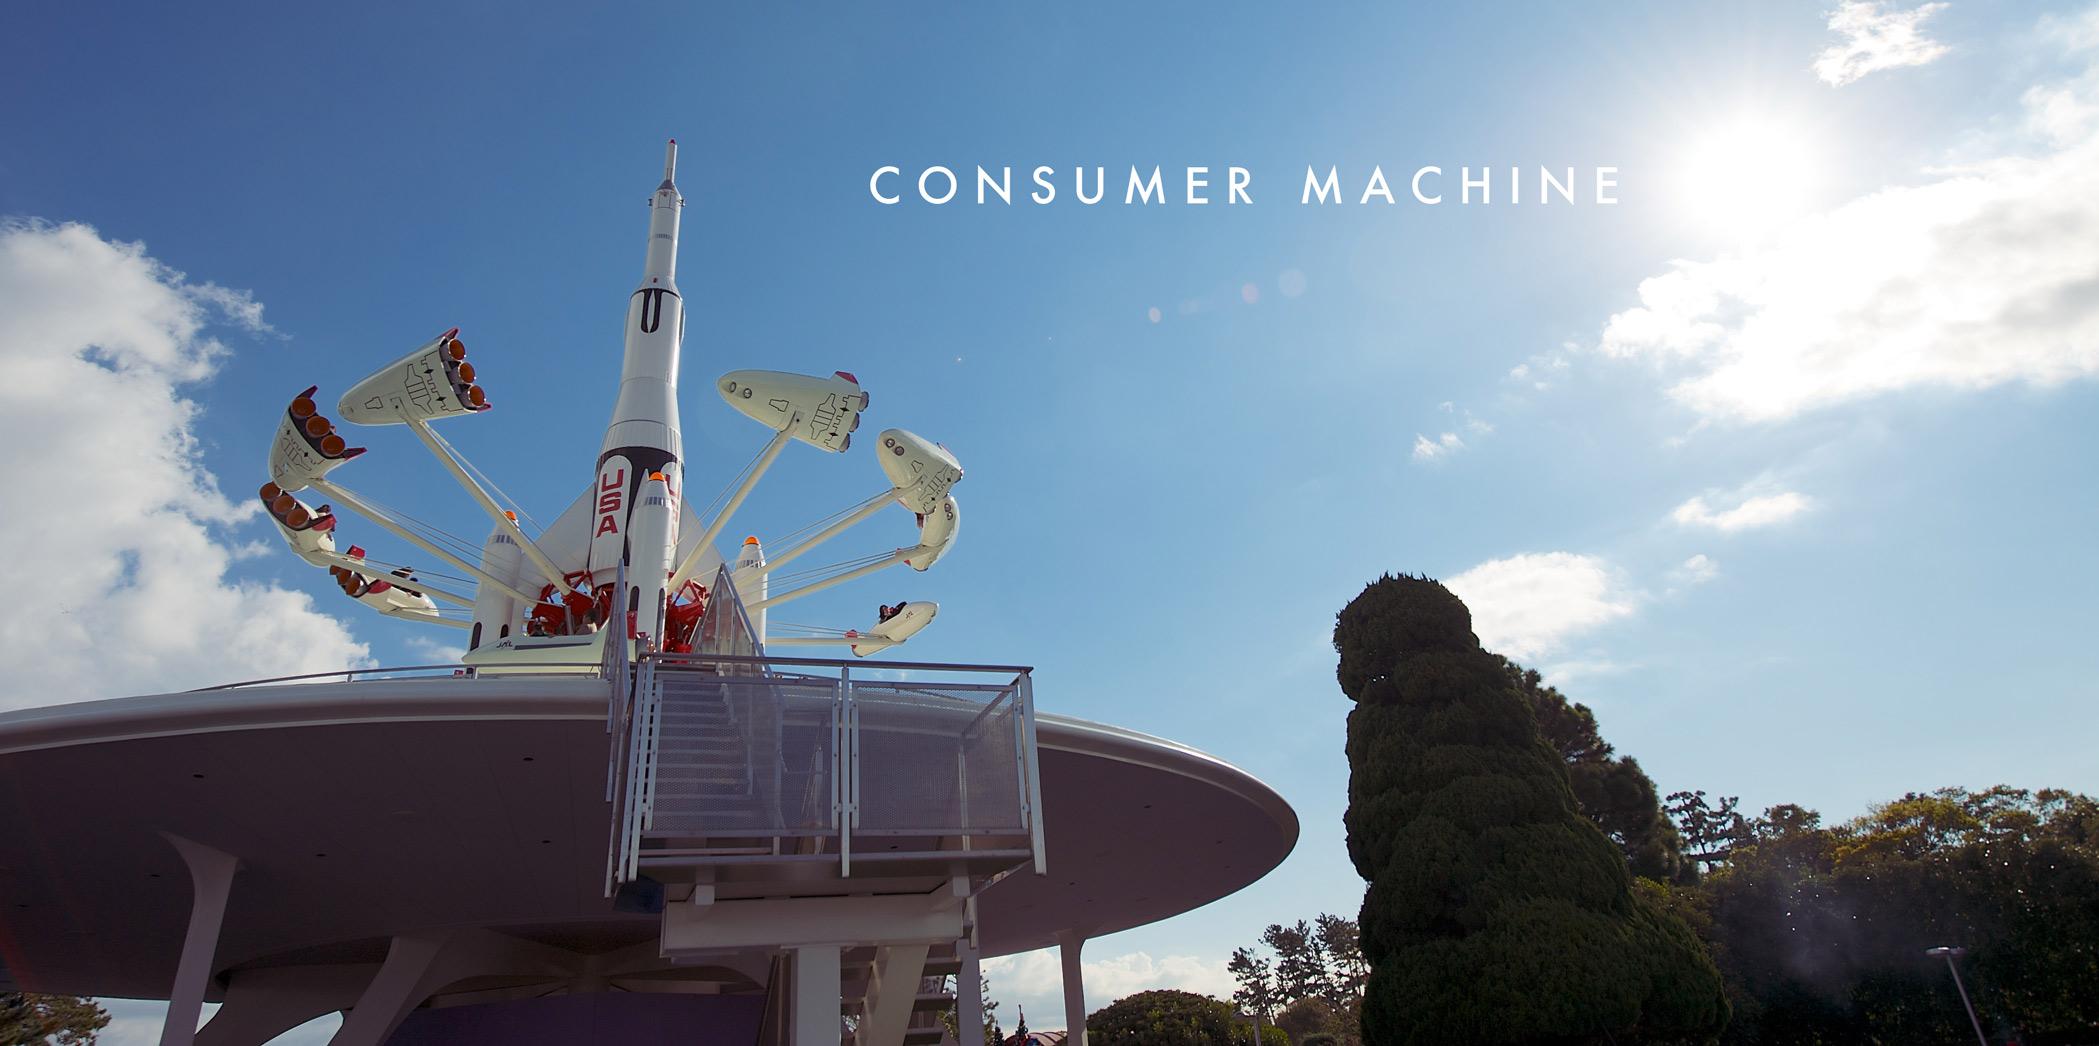 Consumer Machine